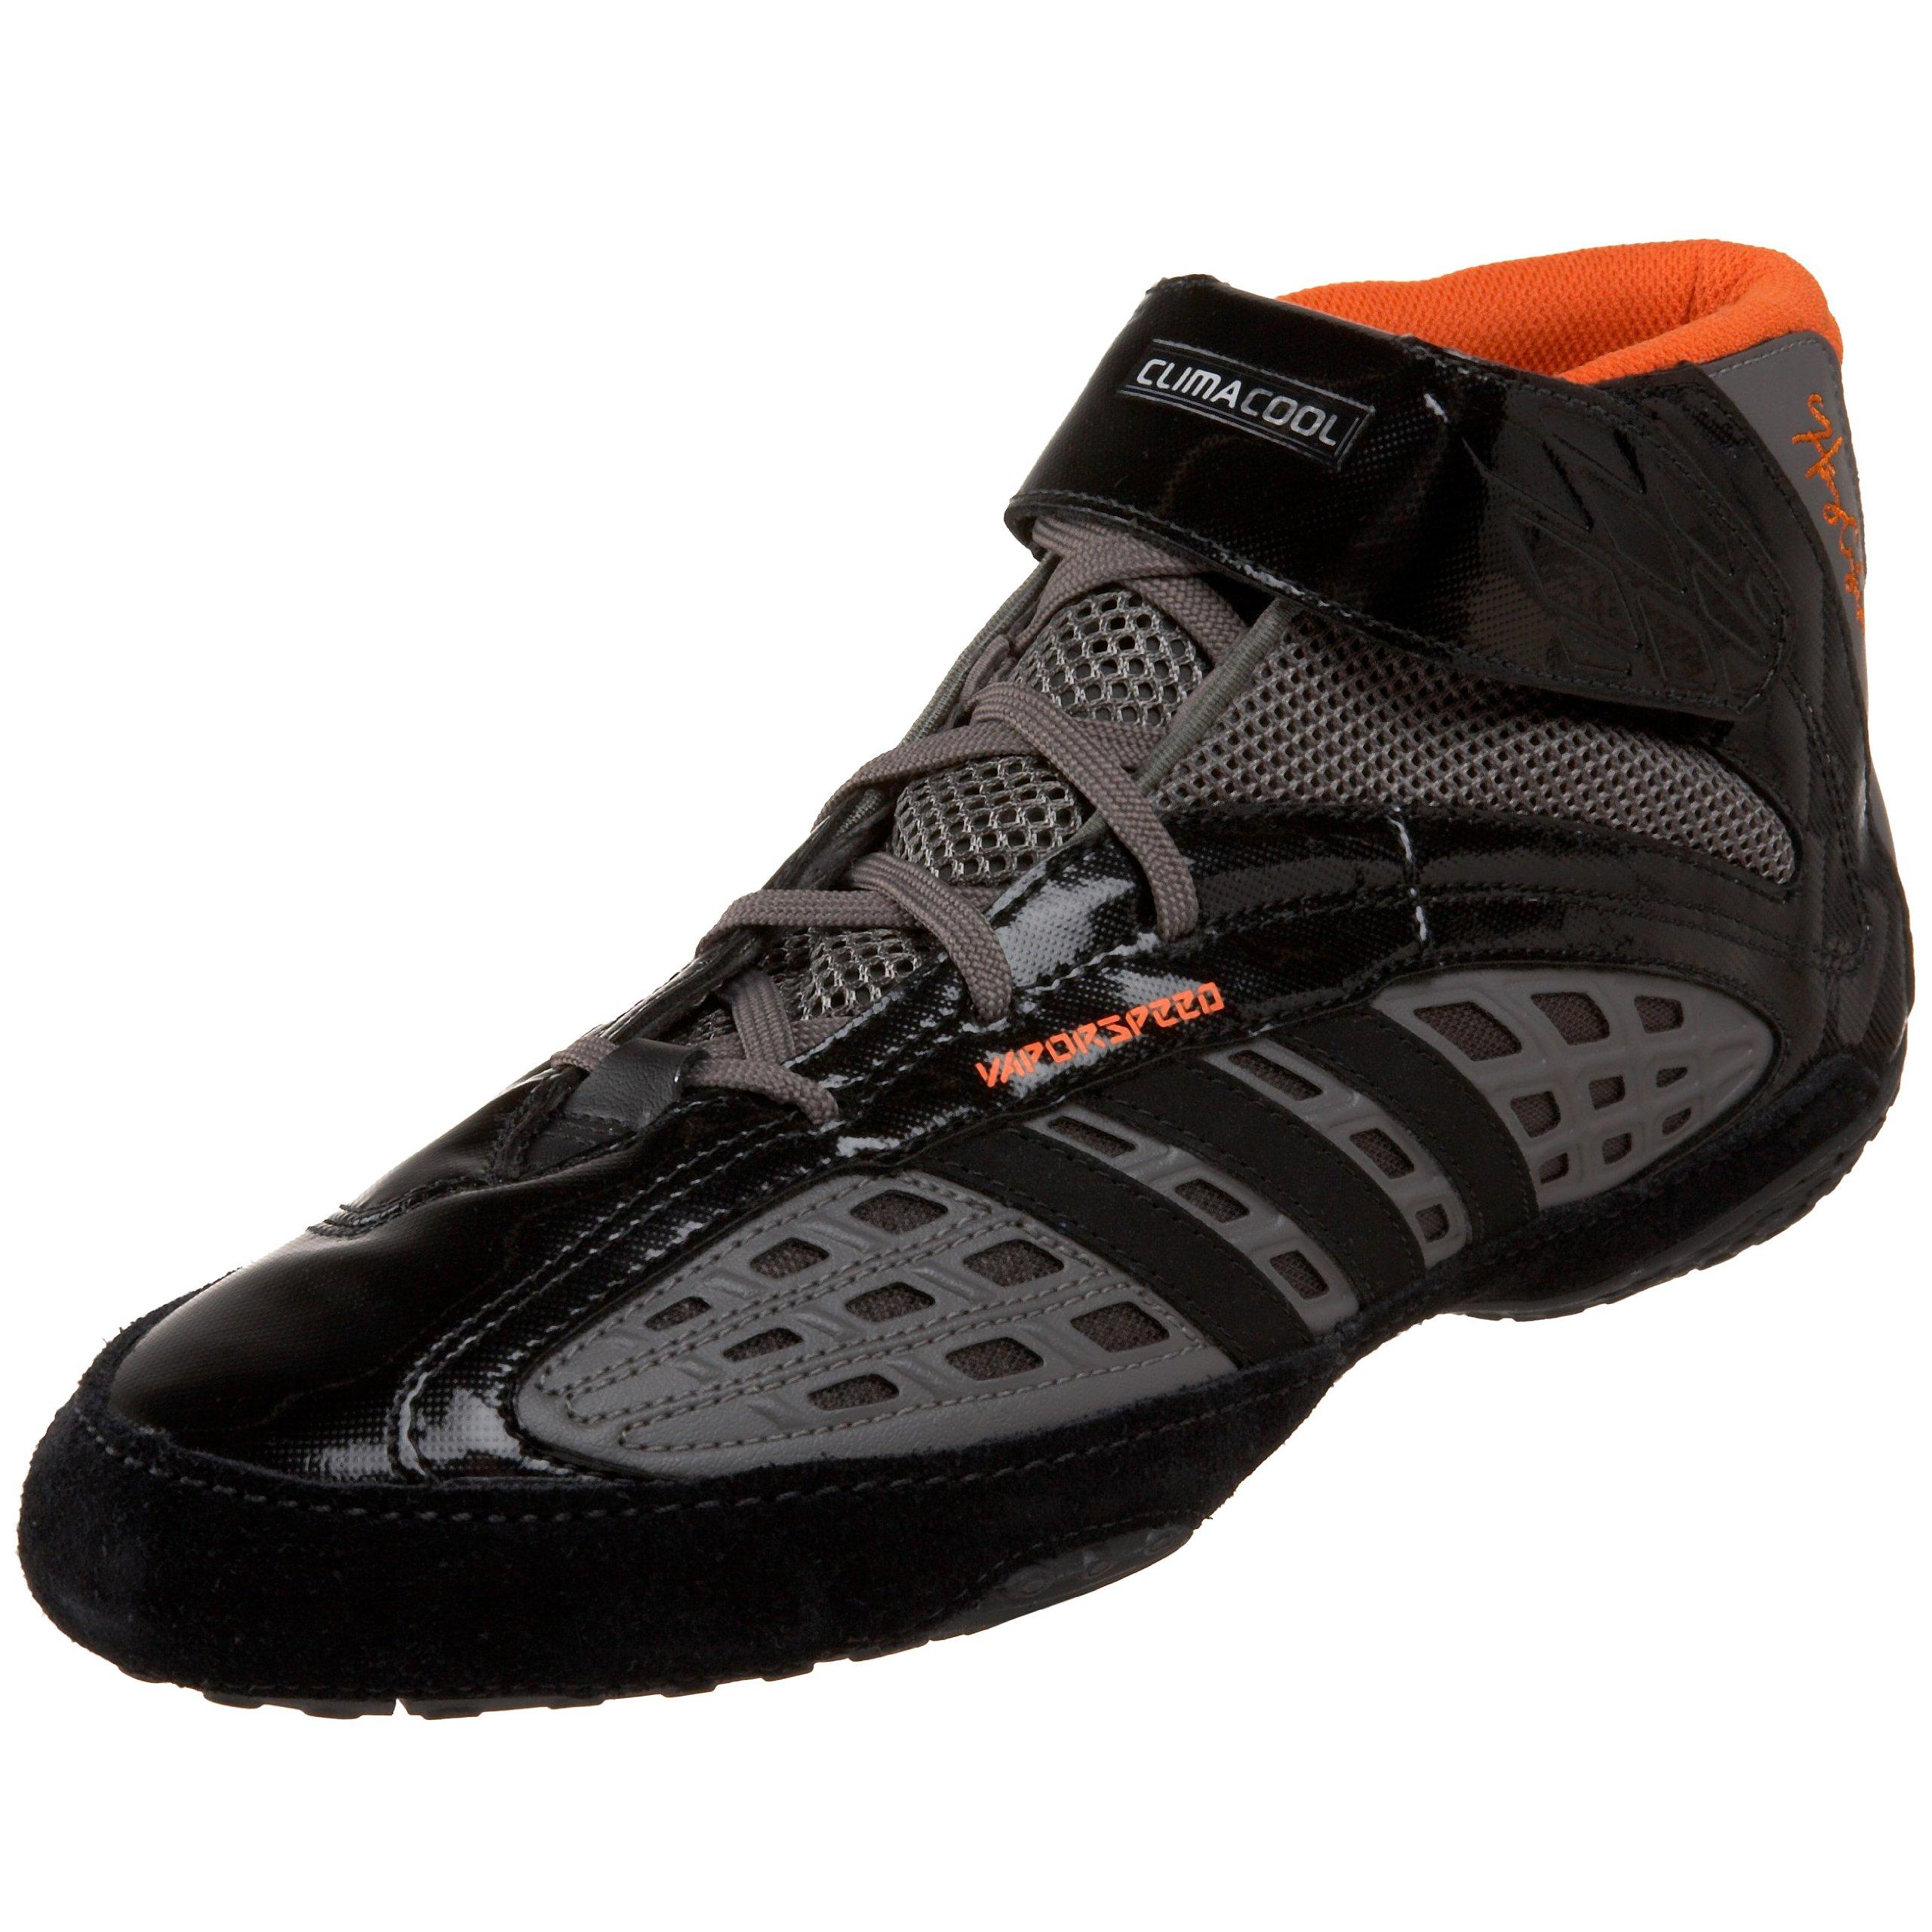 adidas Men's Vaporspeed II Henry Cejudo Wrestling Shoe,Iron/Black/Orange,12 M US